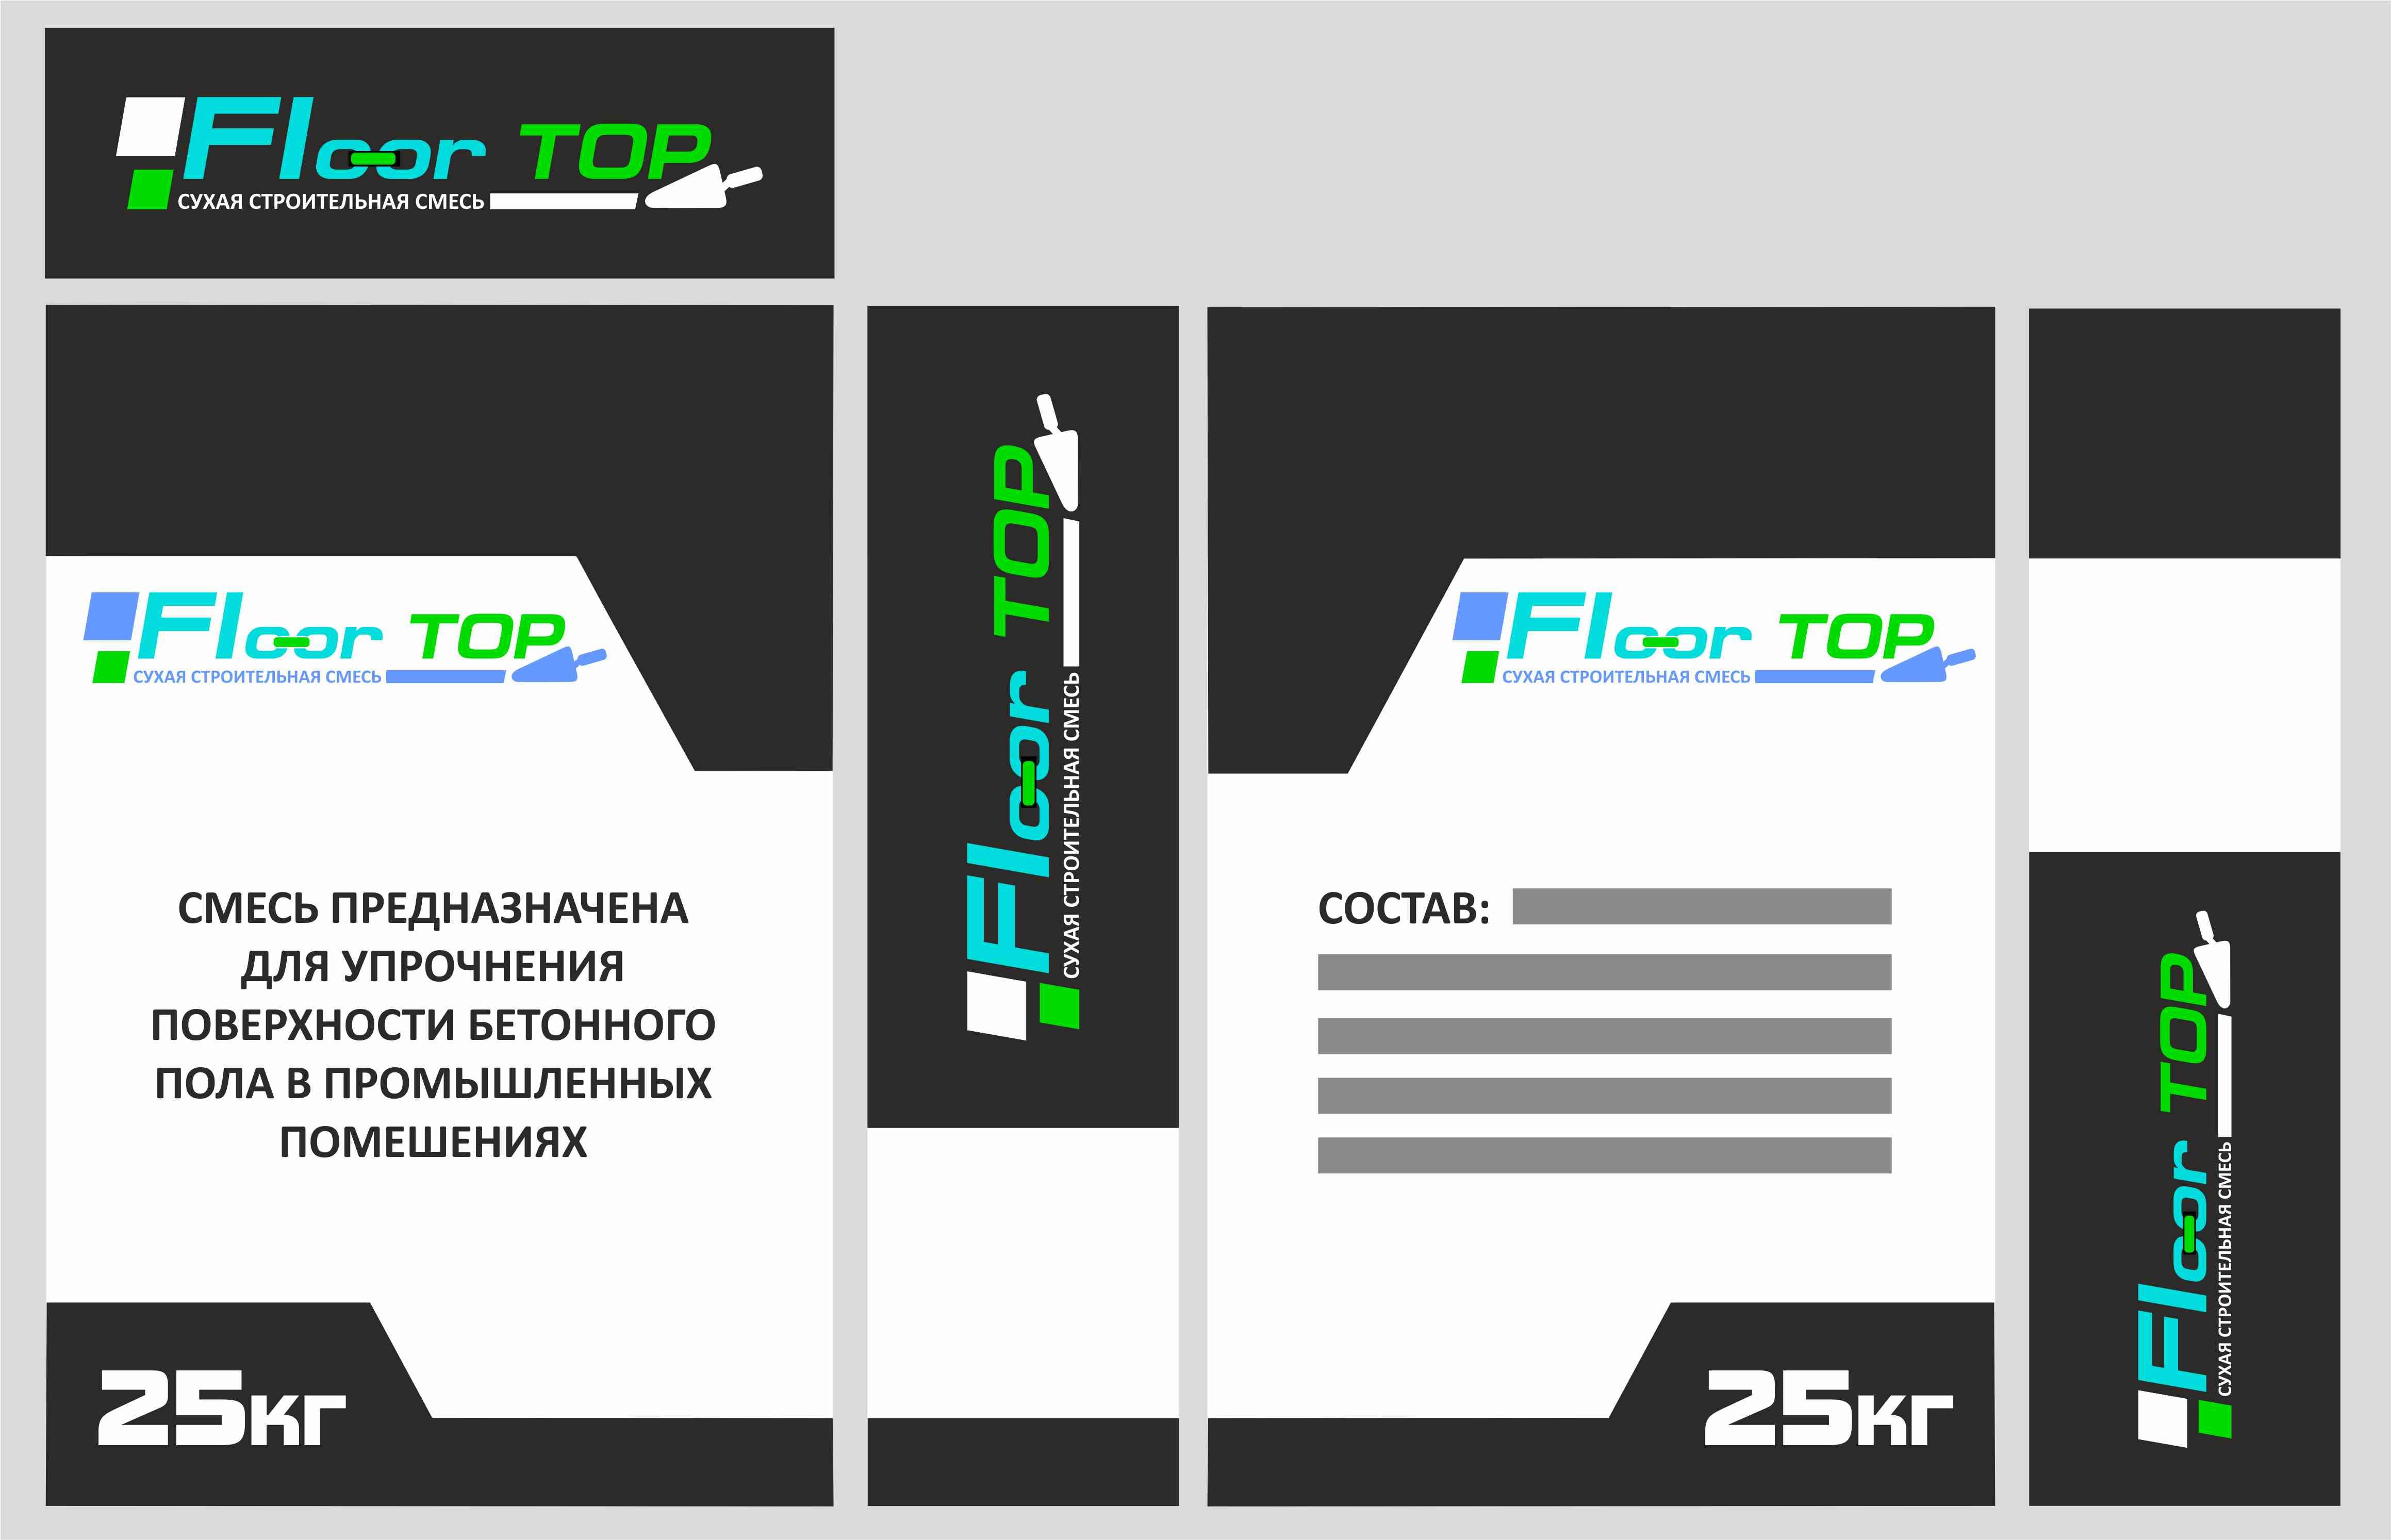 Разработка логотипа и дизайна на упаковку для сухой смеси фото f_9055d27988a35d57.jpg